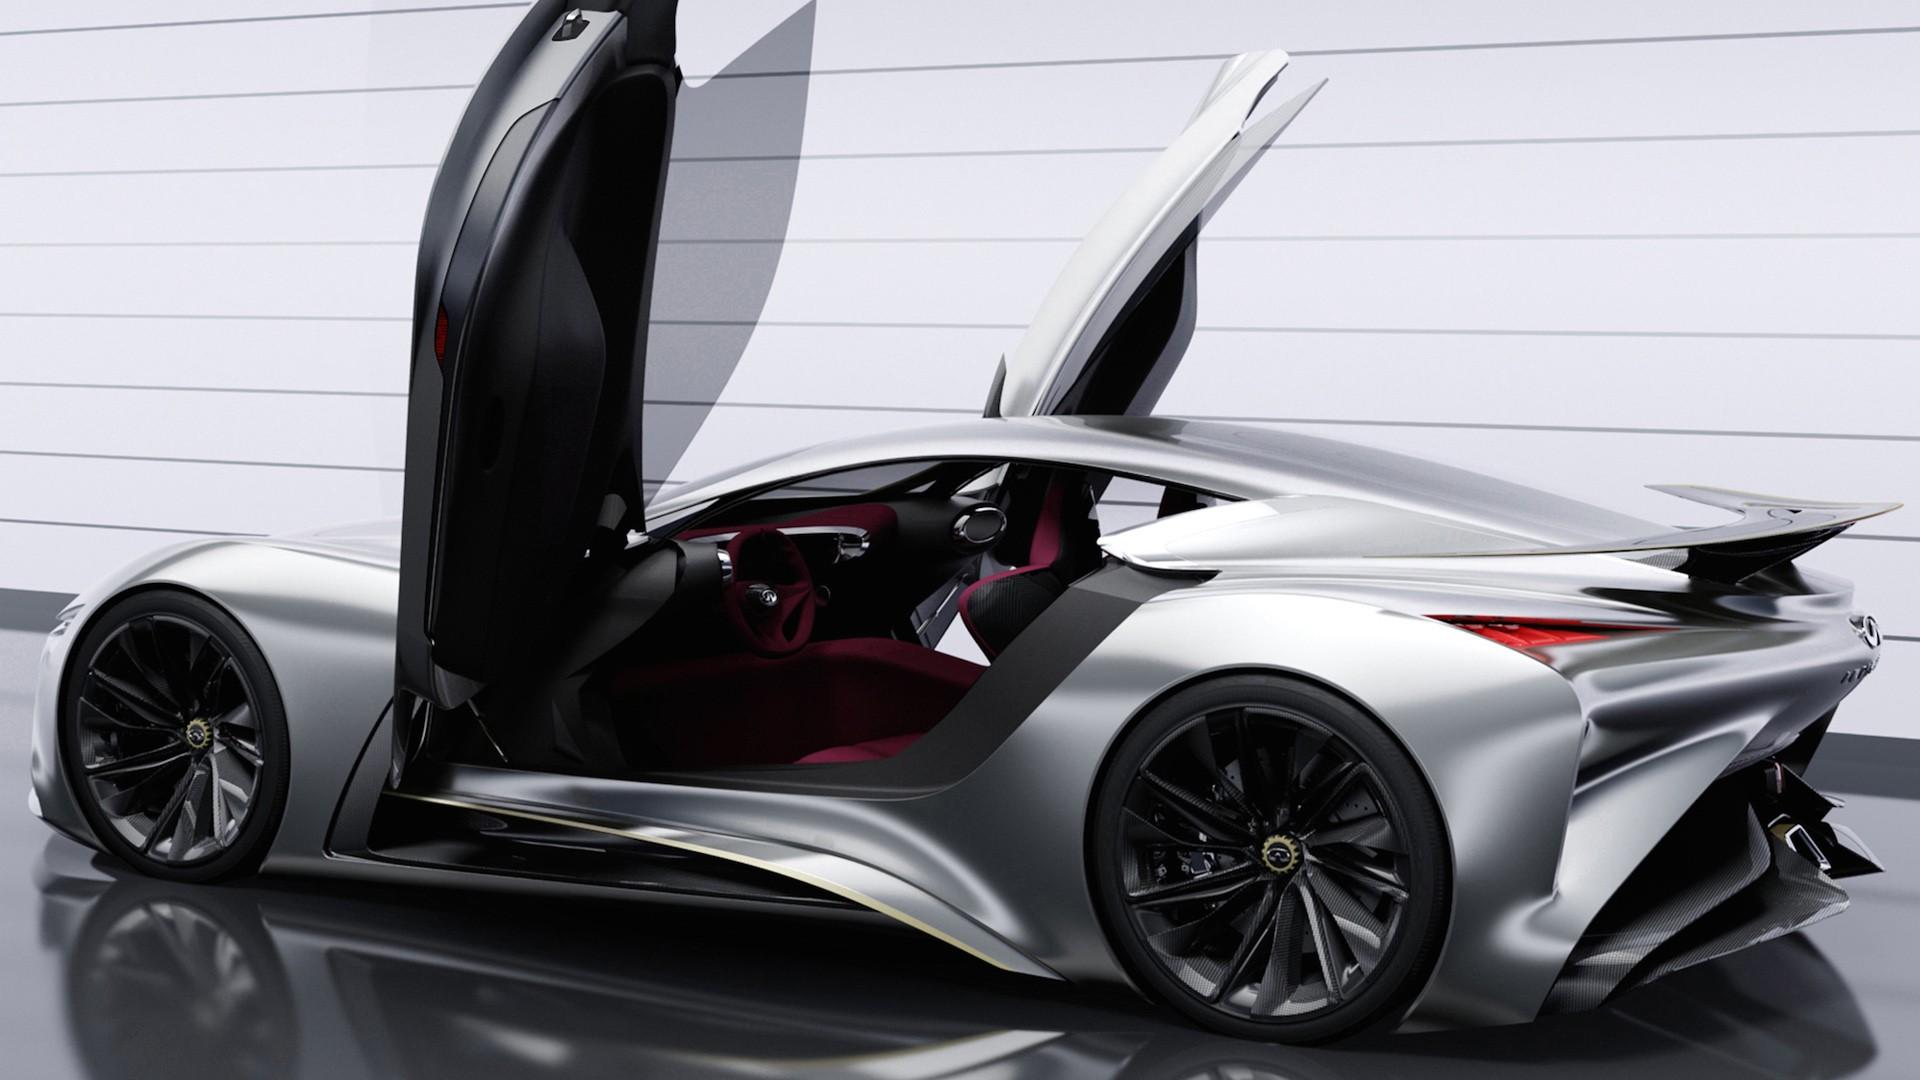 Infiniti Concept Vision Gran Turismo X